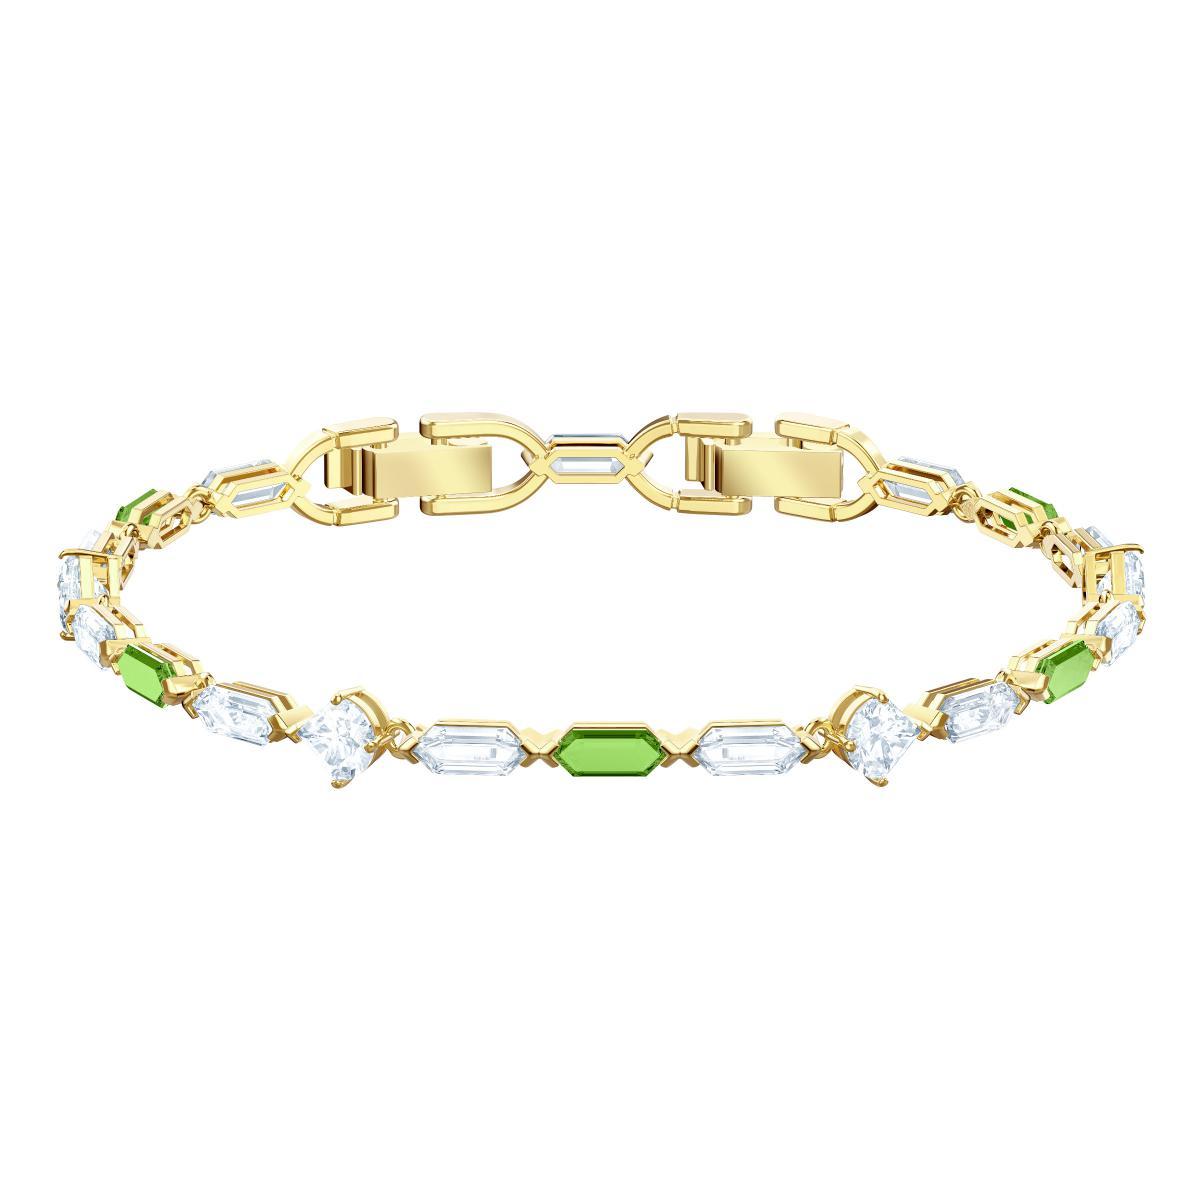 Bracelet Swarovski 5459392 - Bracelet Timeless Elegance Doré Pierres Vertes  Femme